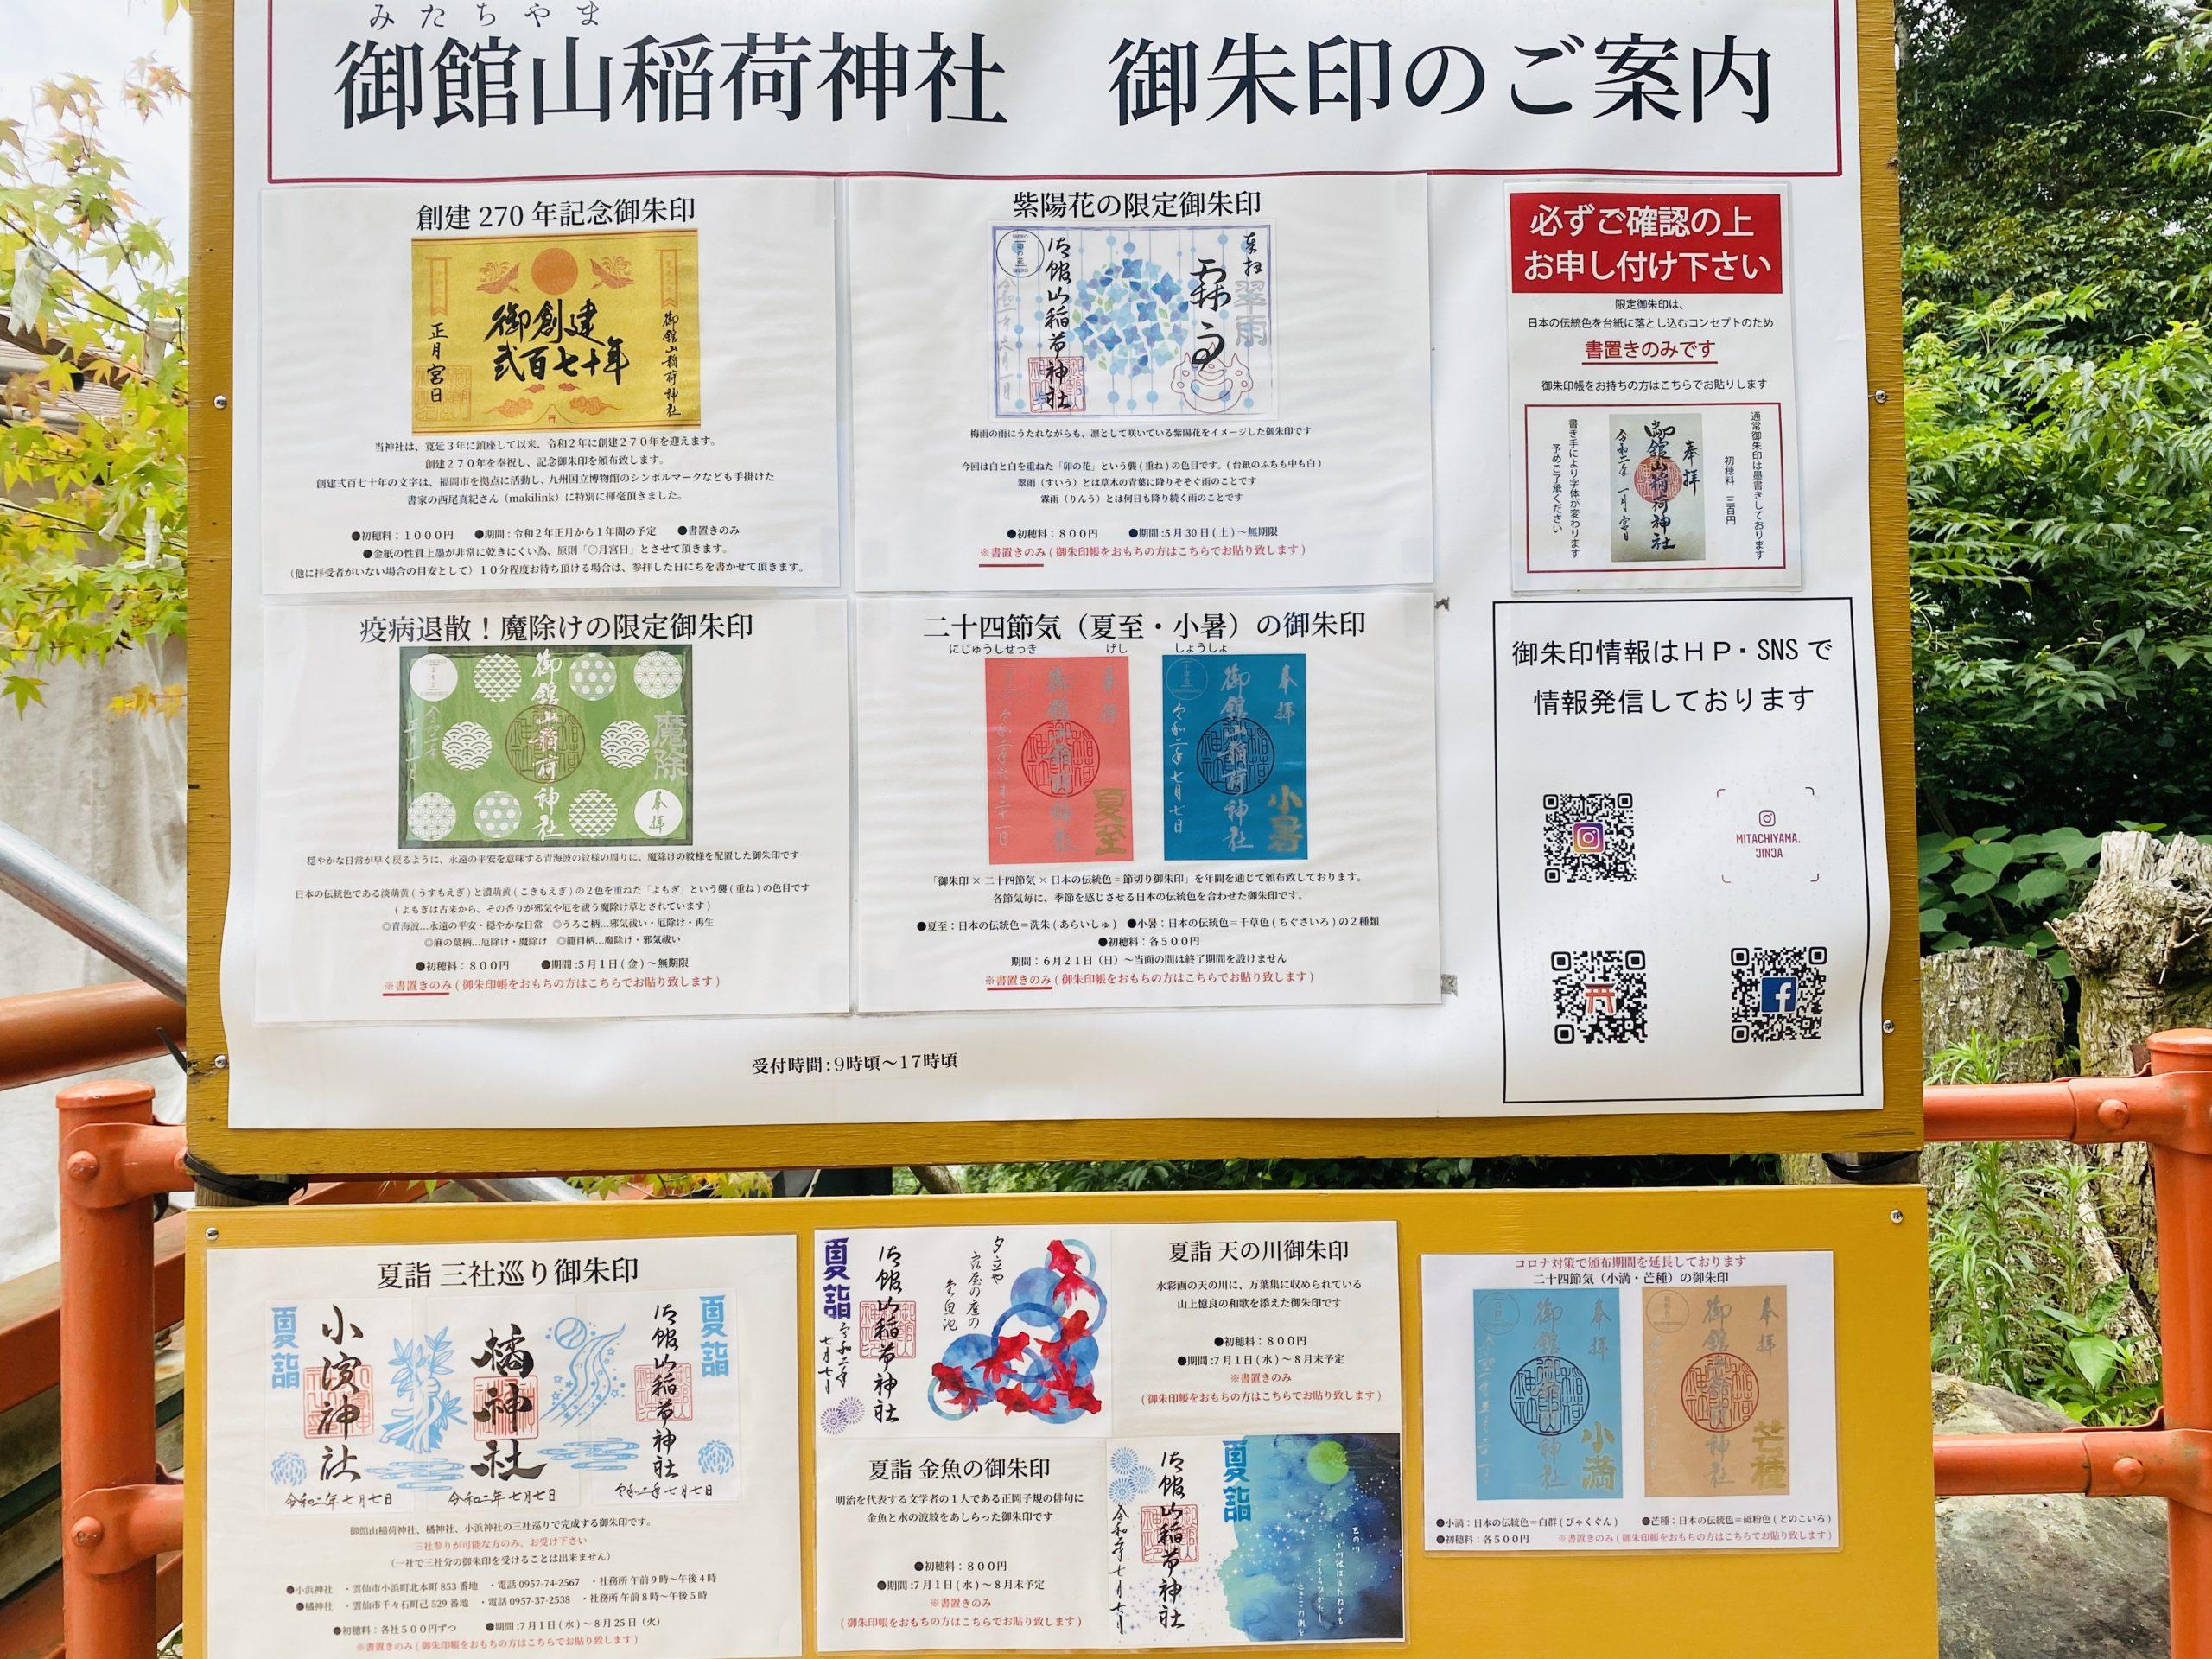 御館山神社のカラフルで可愛い御朱印の種類♪長崎御朱印めぐり